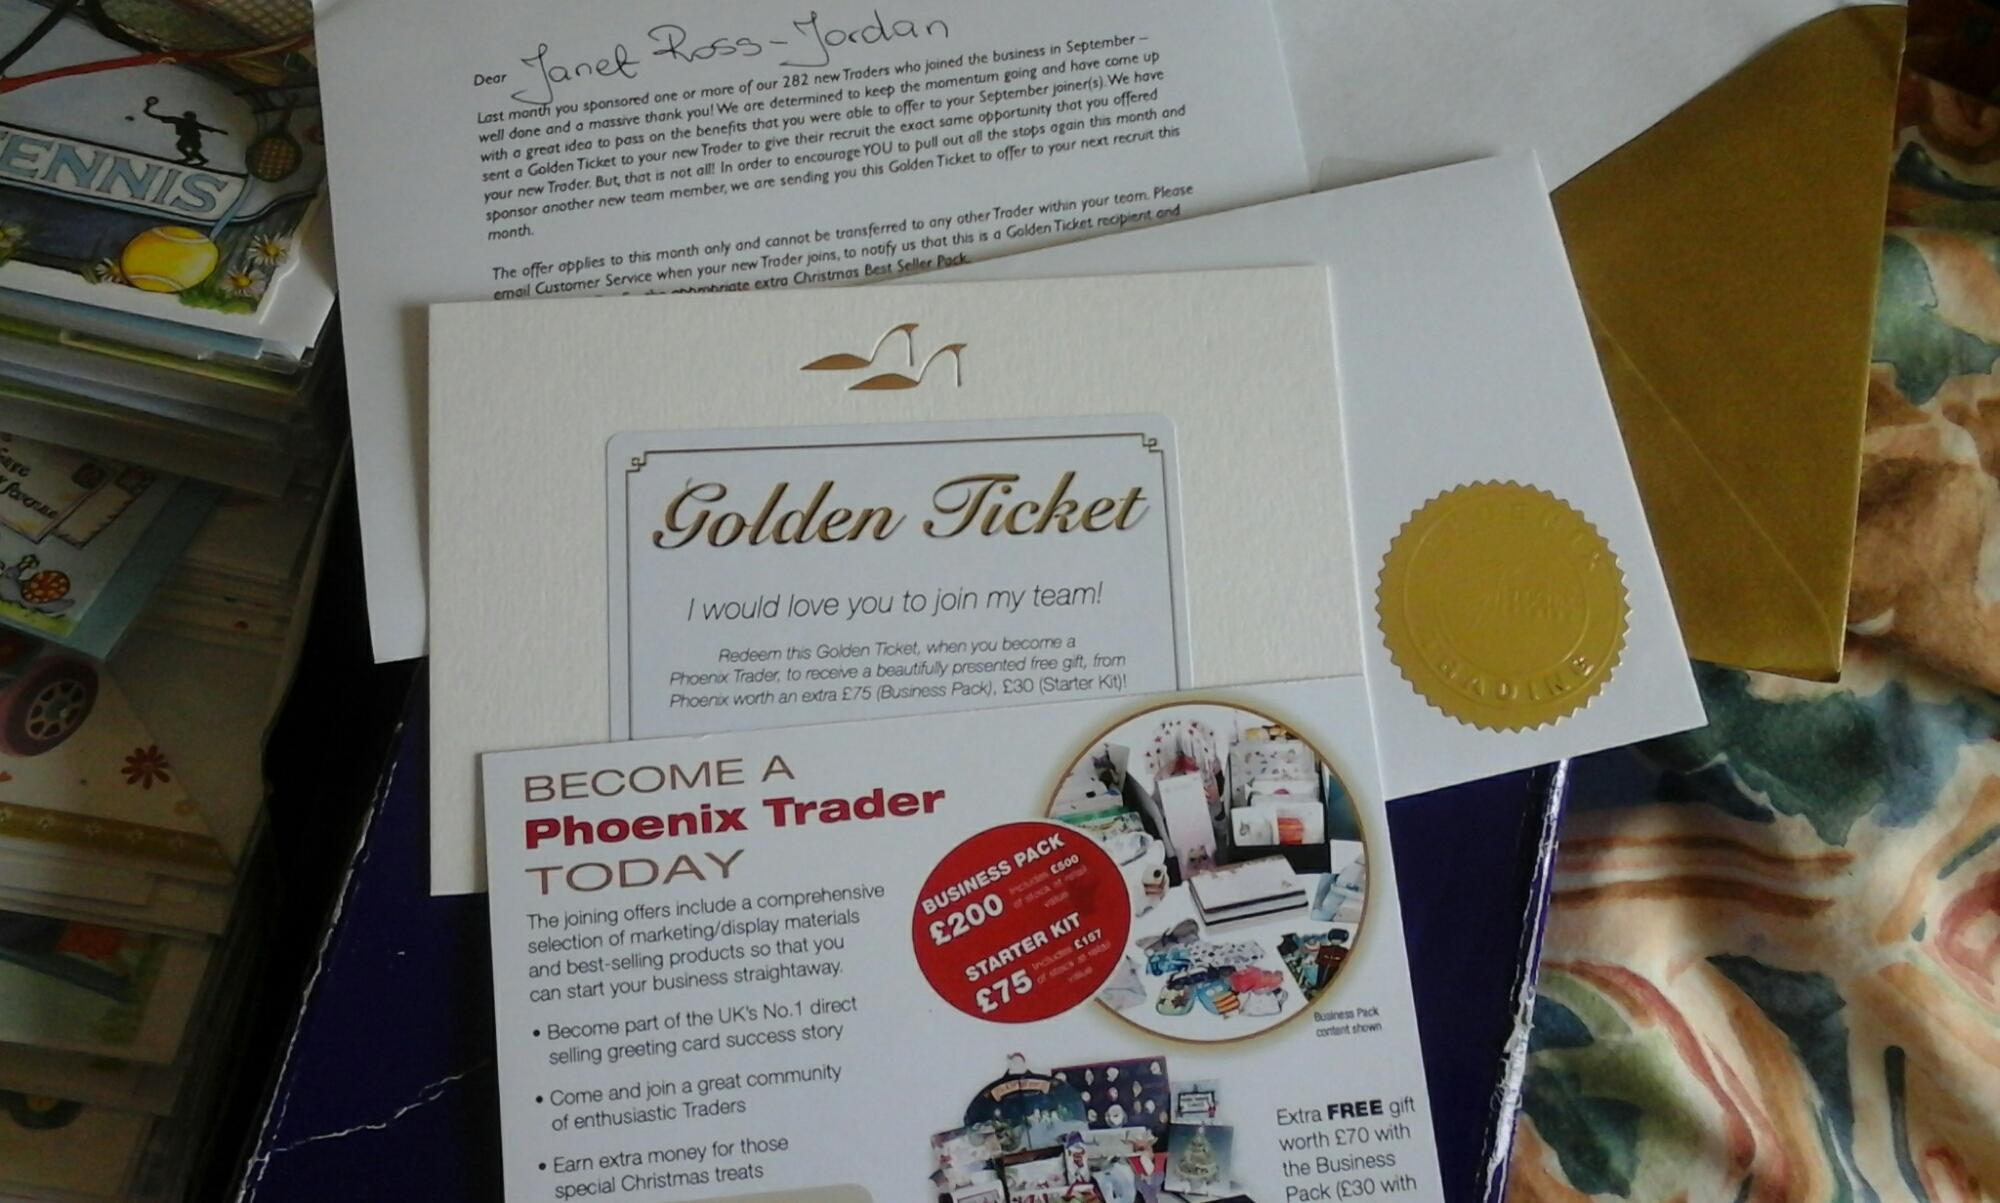 Phoenix Trading Golden Ticket